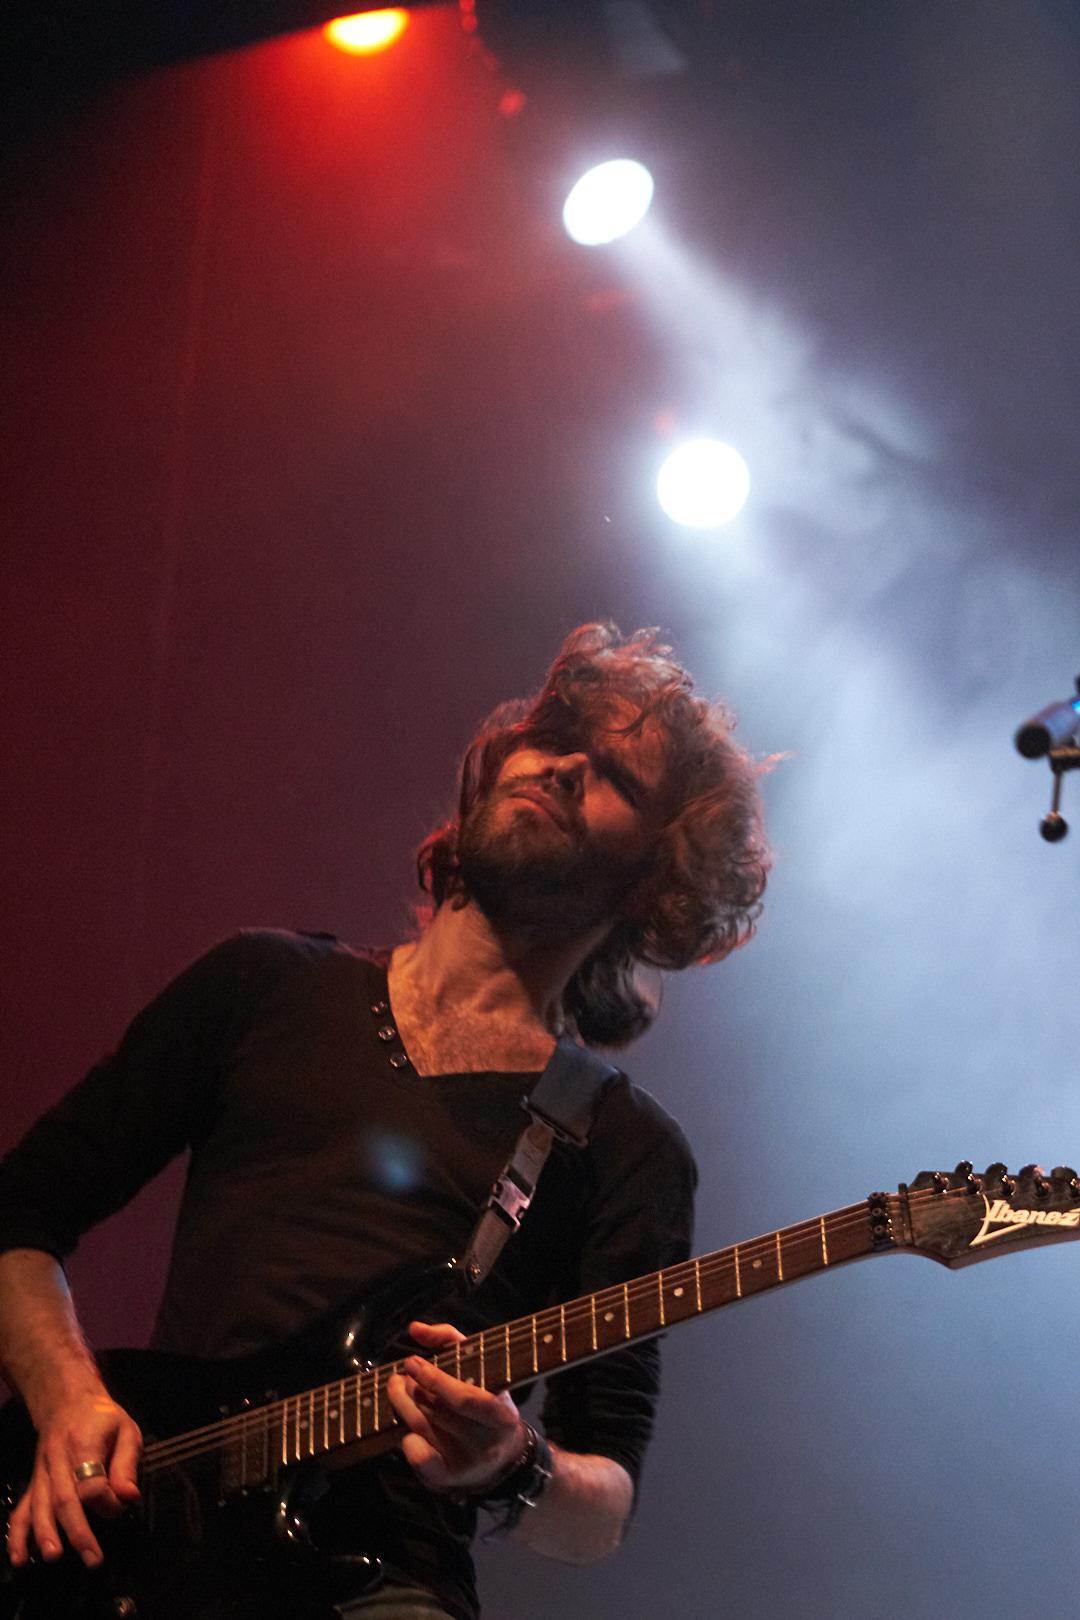 Pvk Photo | Photographe professionnel | Guitariste en concert